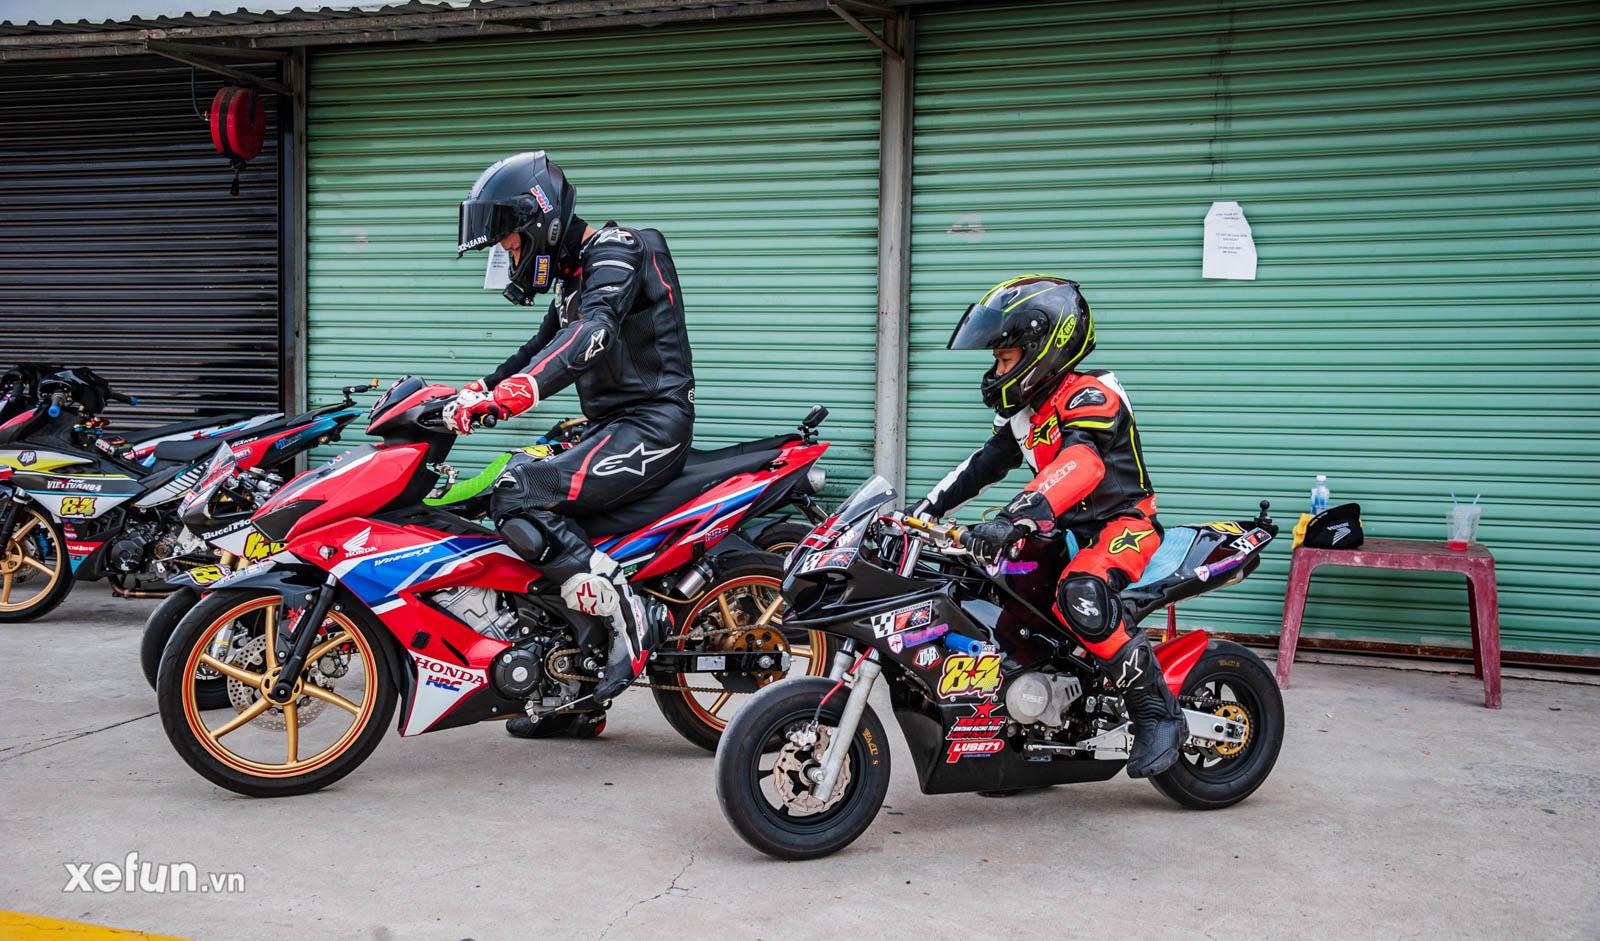 Bé Su 9 tuổi của Gia Cát Việt Tuấn cùng HLV Quân Trần Racing trên Xefun (1)e65675